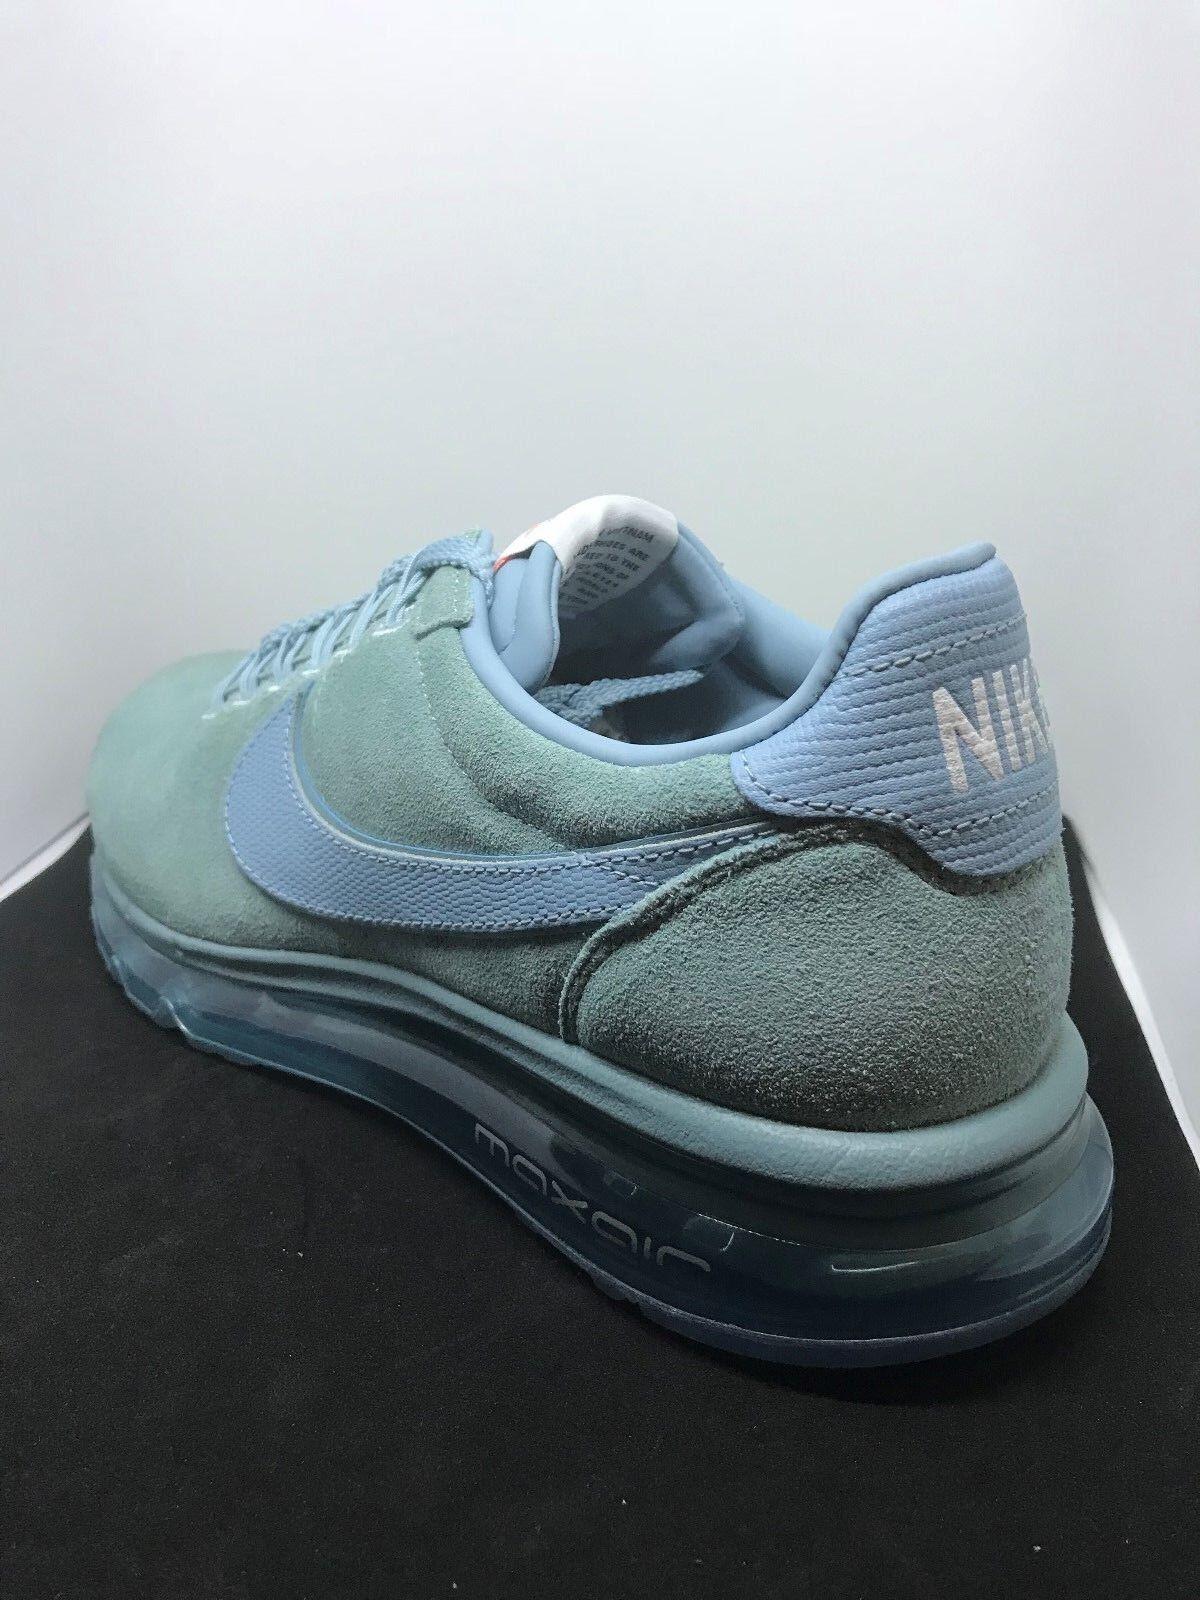 Nike Air Air Air Max LD Zero iD Women's Running shoes   Aqua bluee  Size 11 (AA3174-991) 4fa15a